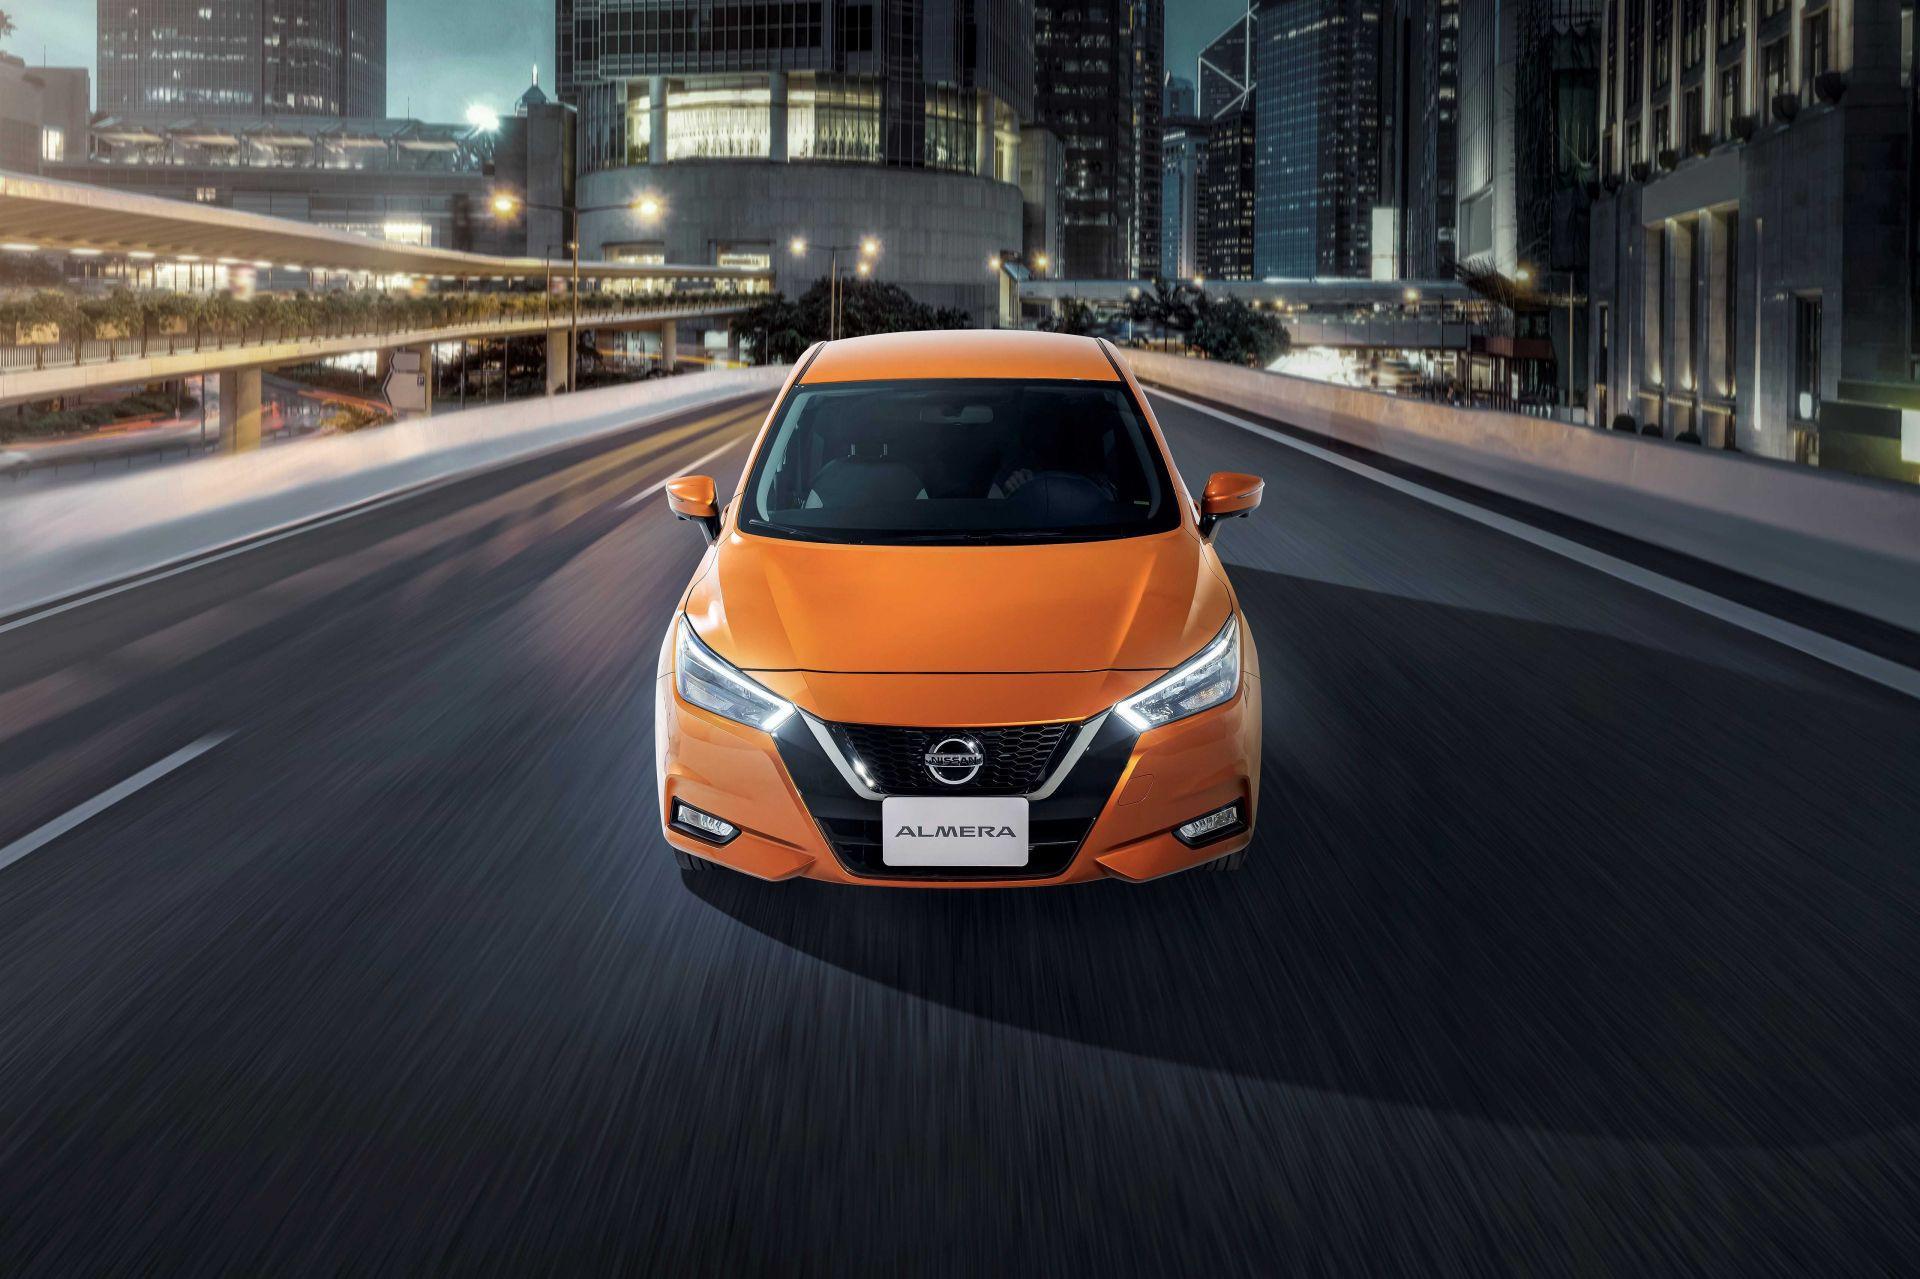 Xe Nissan Almera sẽ thay thế mẫu xe Sunny tại thị trường Việt Nam